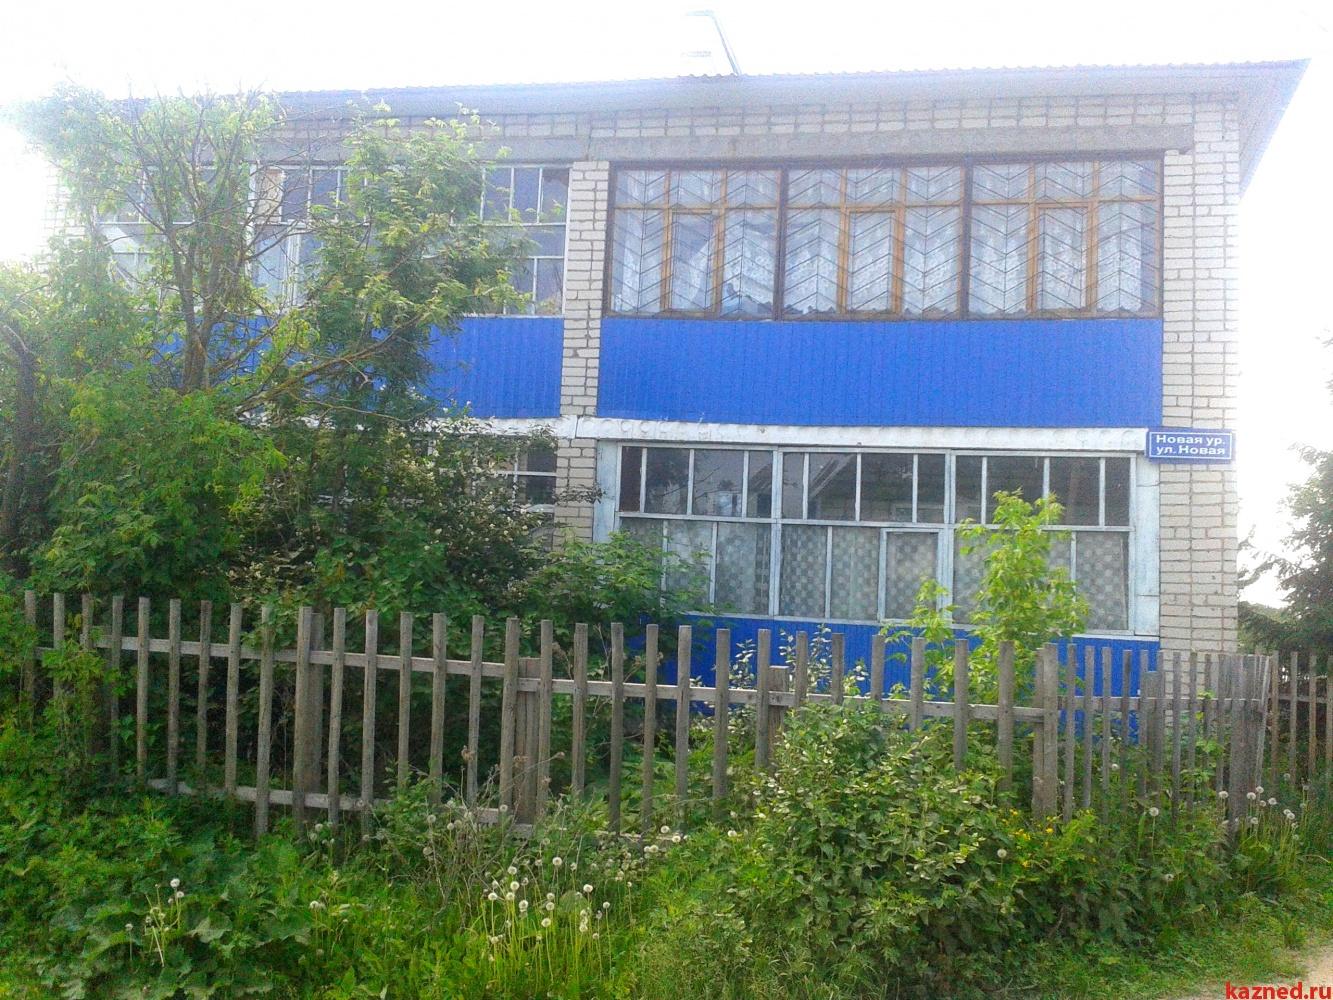 Продажа 1-к квартиры Новая, 7, 37 м²  (миниатюра №2)